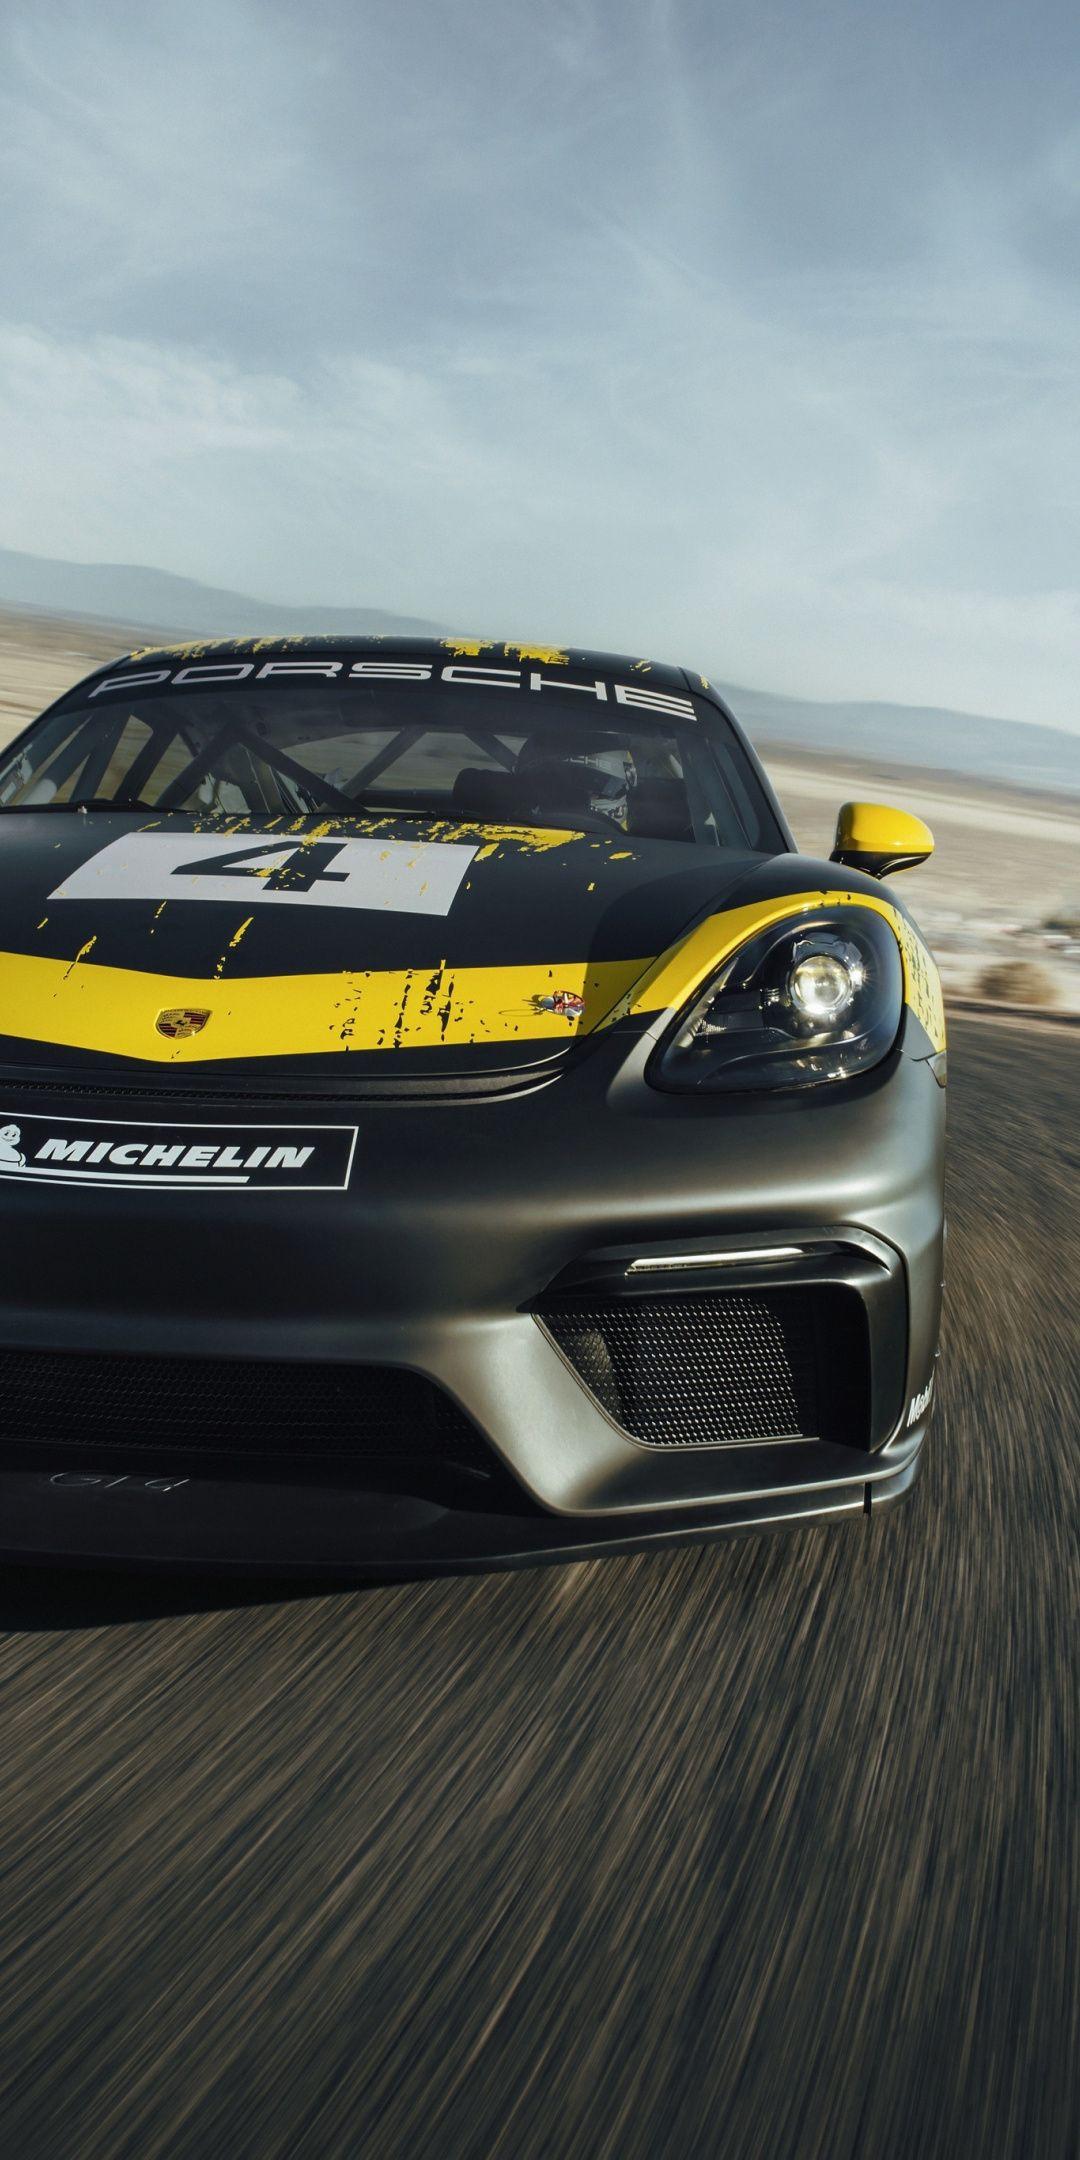 Race Car Porsche Cayman Gt4 1080x2160 Wallpaper Cayman Gt4 Race Cars Porsche 718 Cayman